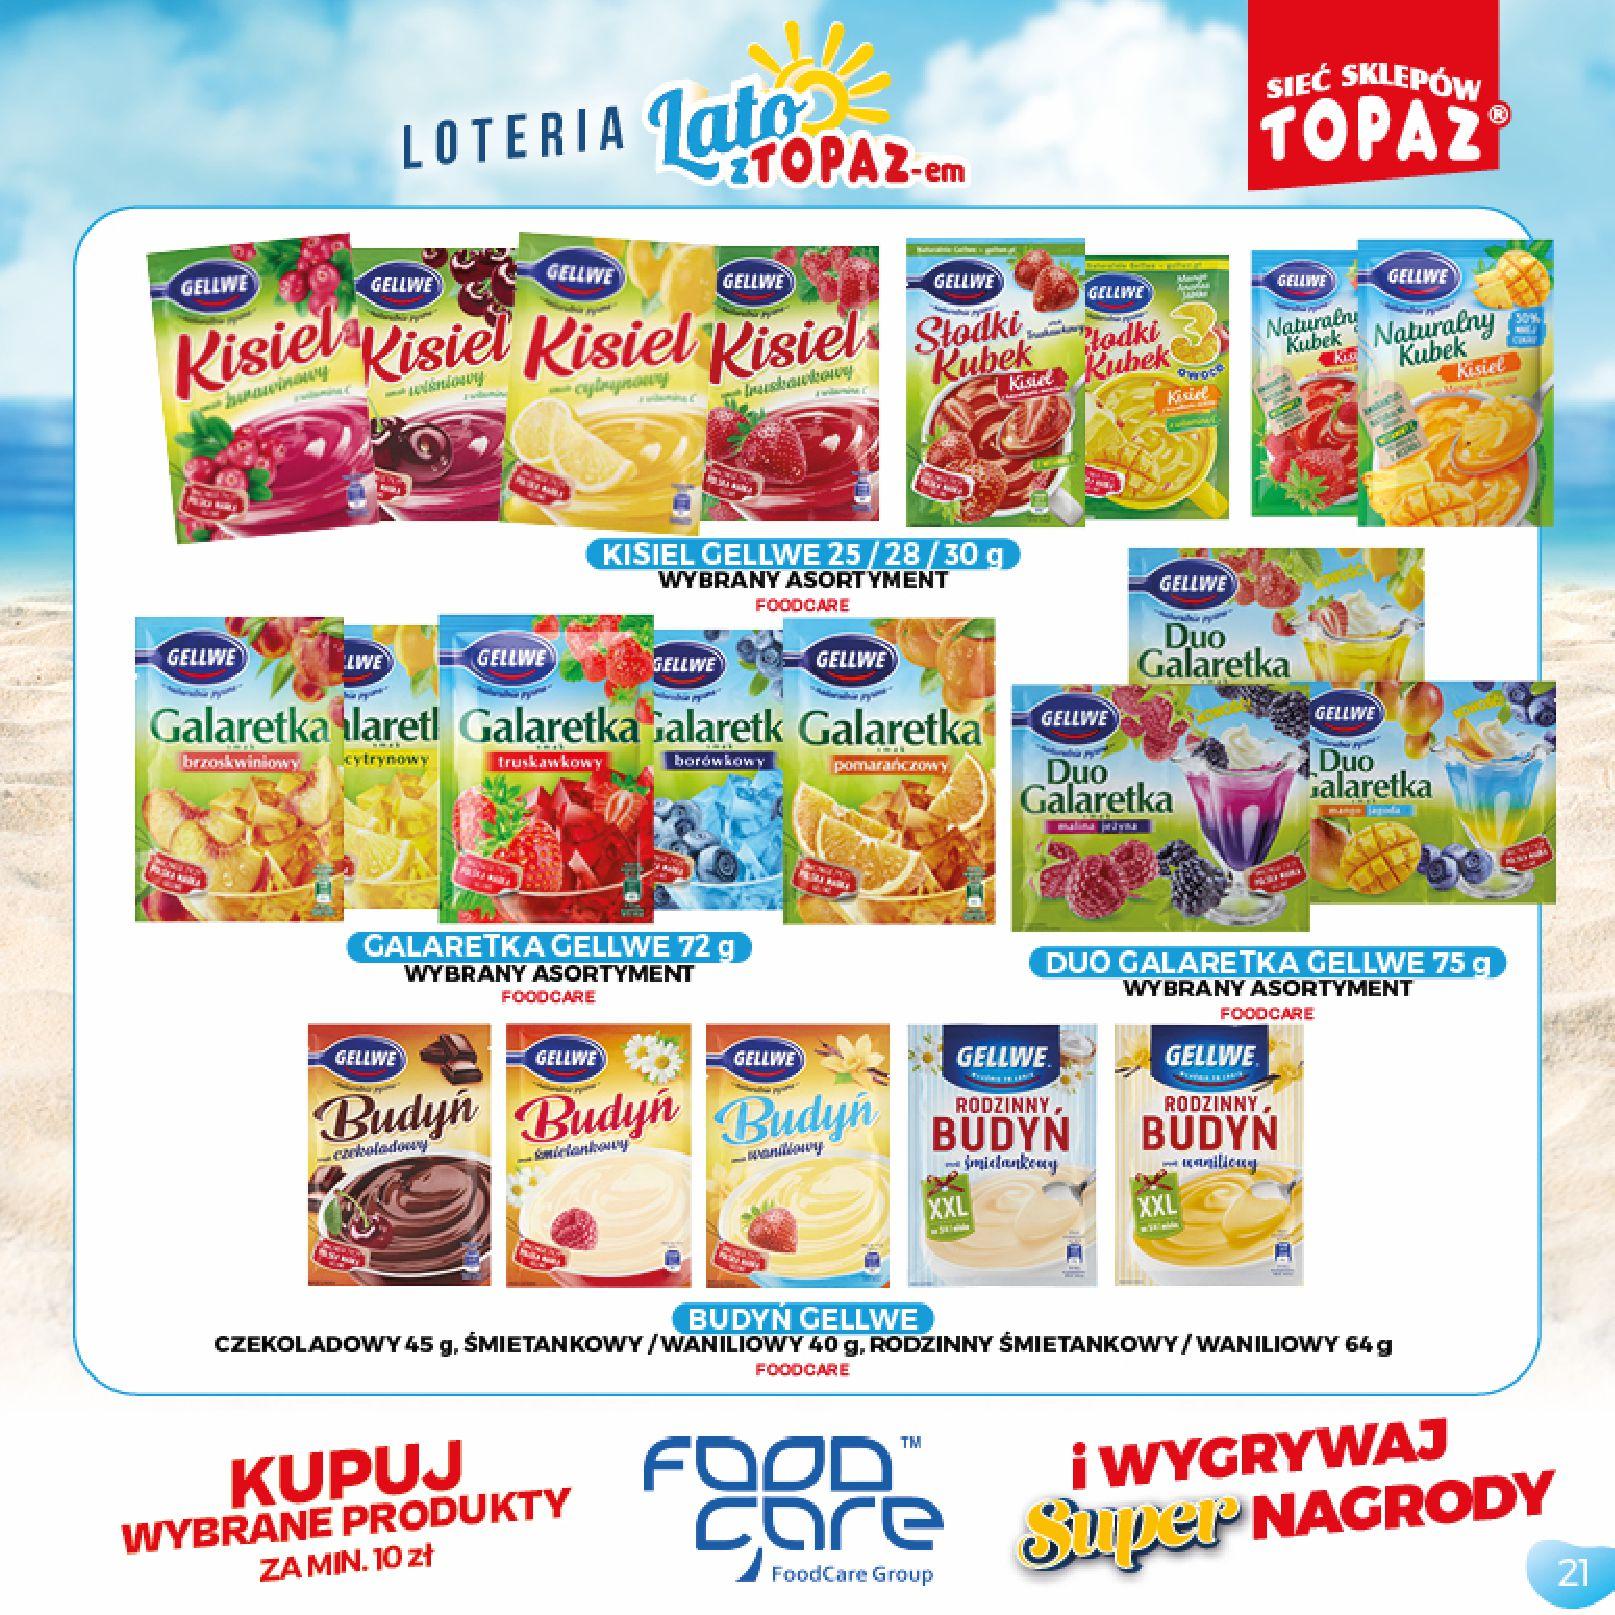 Gazetka TOPAZ: Gazetka TOPAZ - Loteria 2021-07-05 page-21